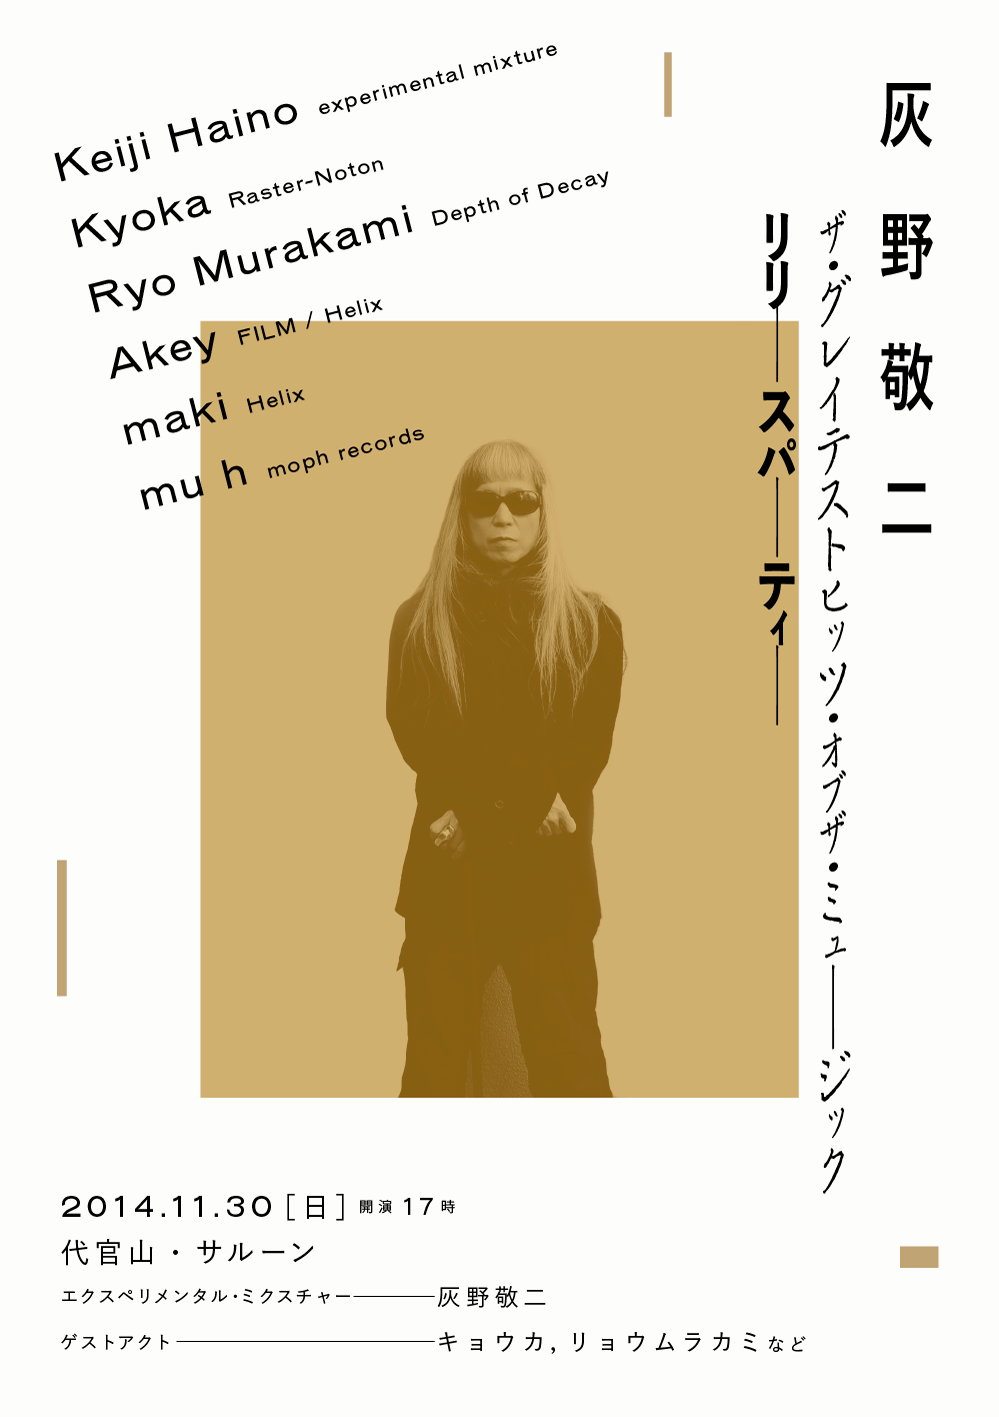 keijihaino-20141130